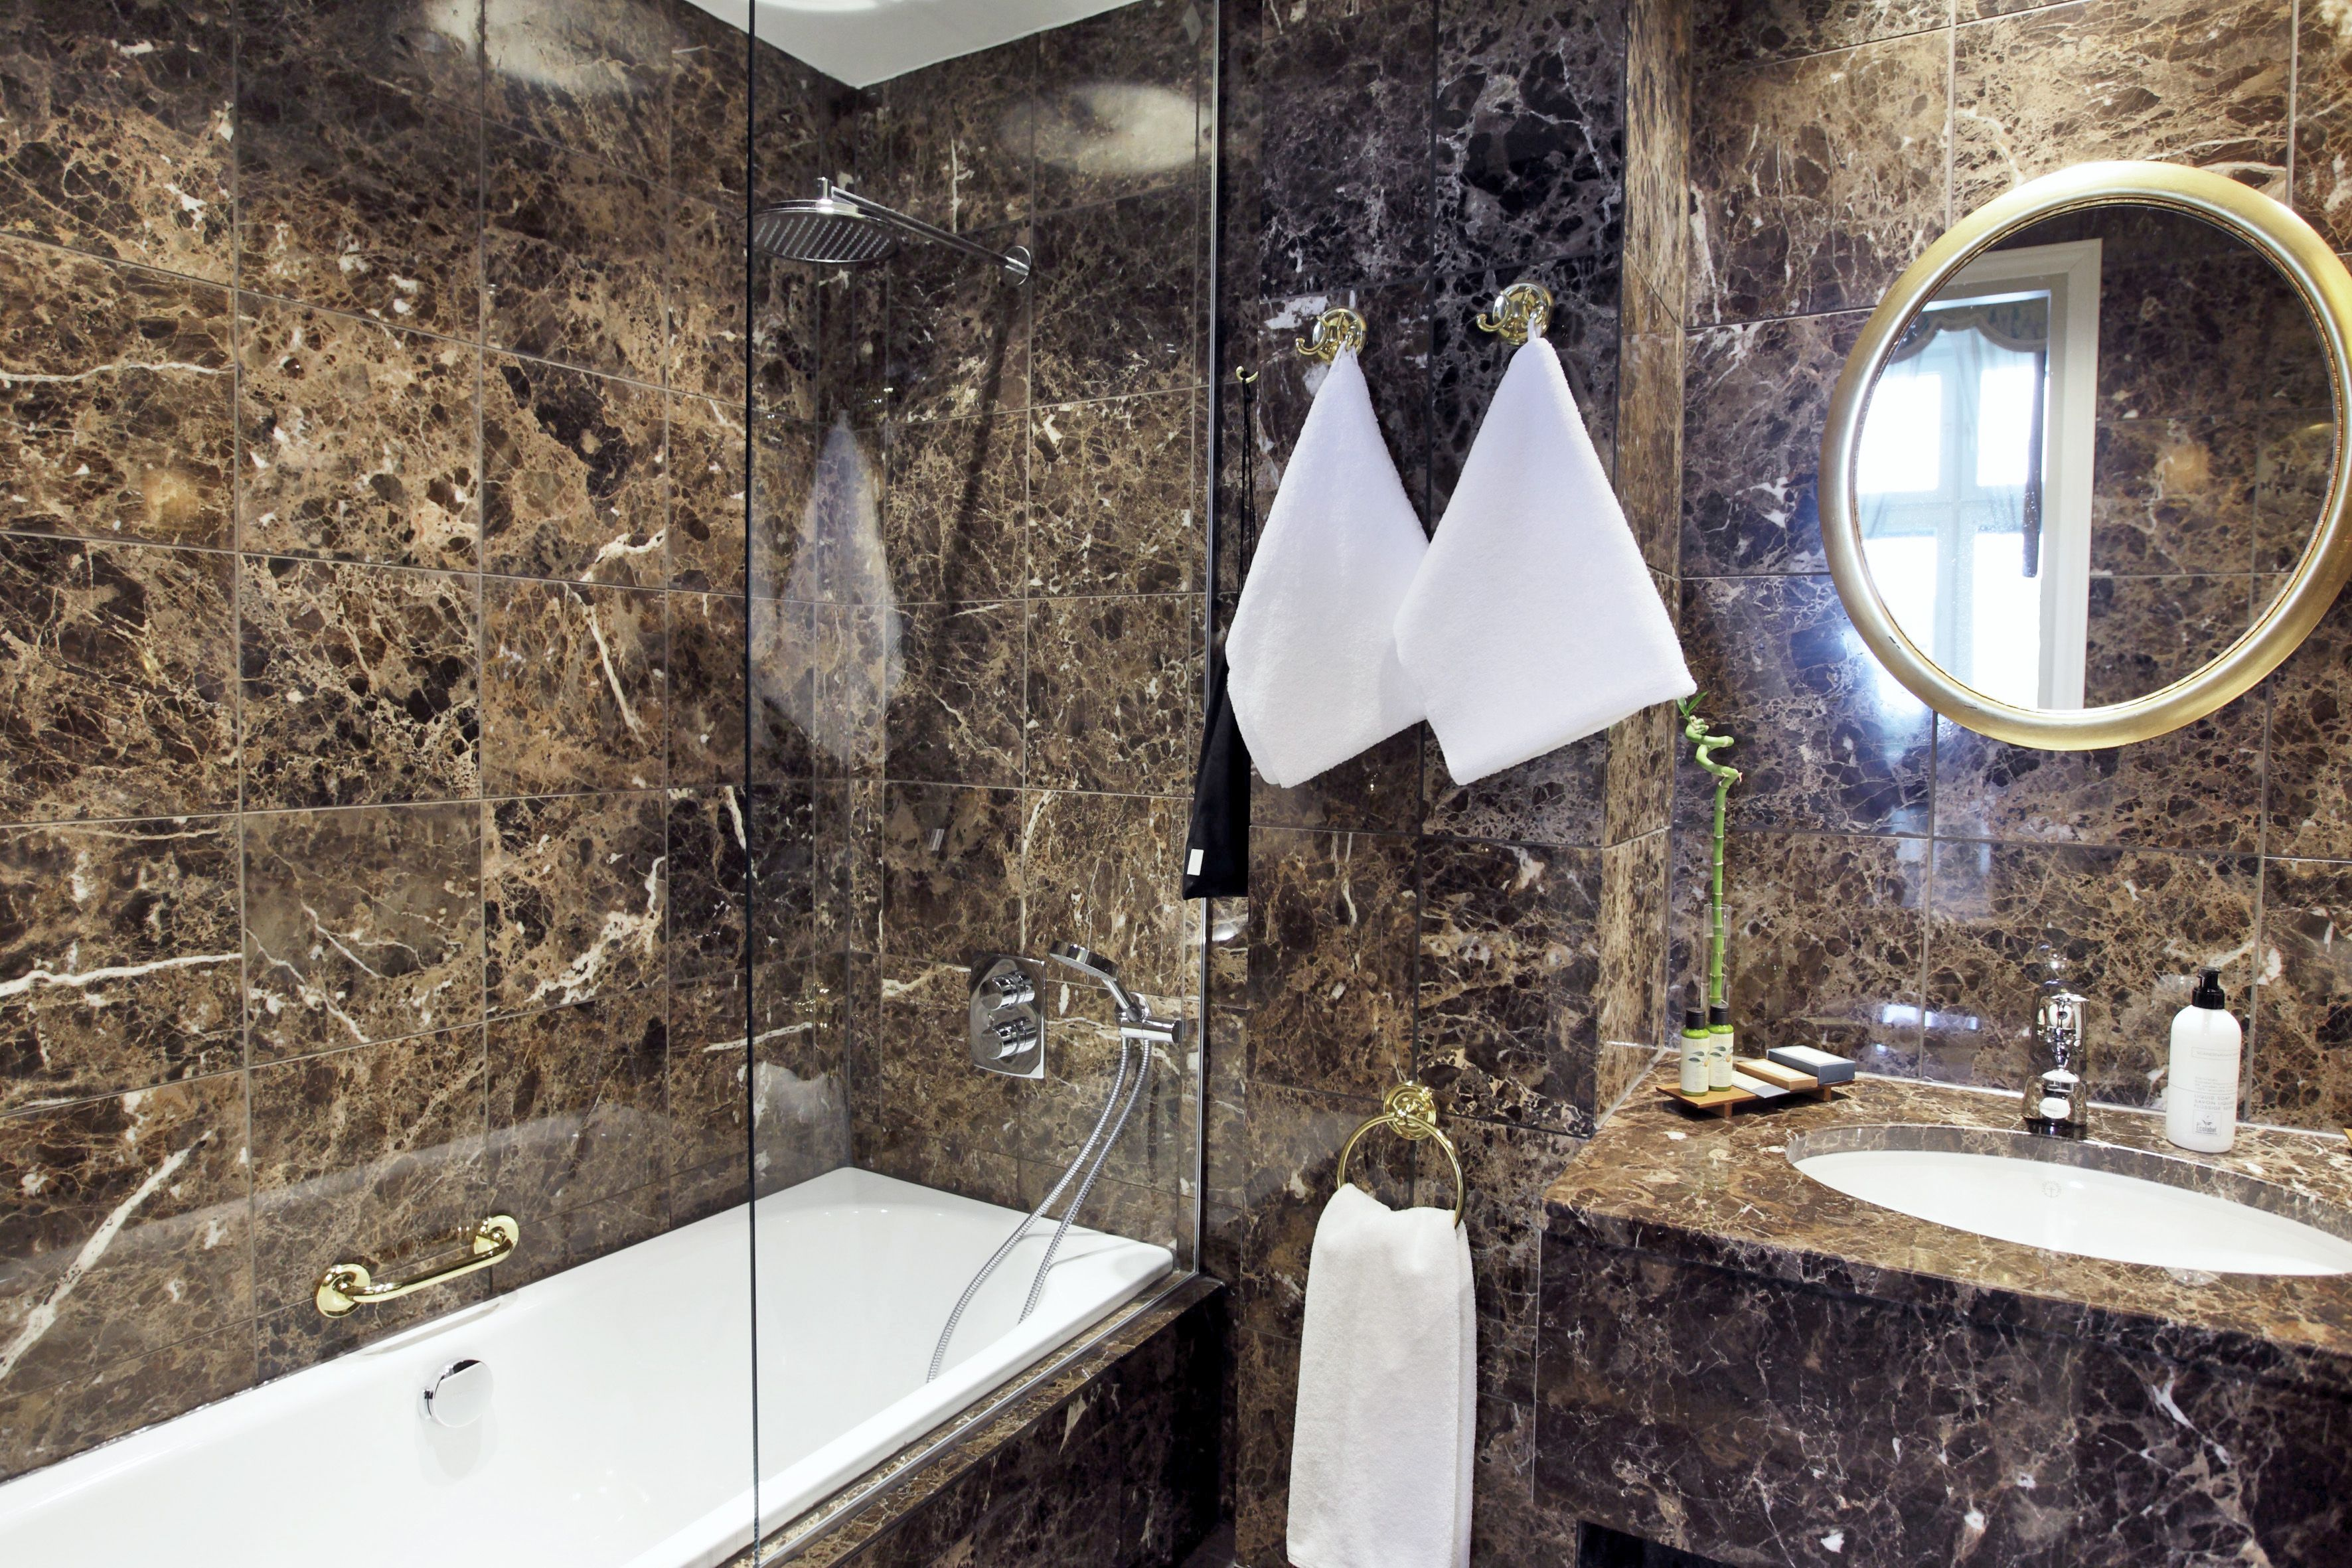 Haikon Kartanon kylpyhuone. Laatat ABL-Laatat. #kylpyhuone #kiviseinä #abl #abllaatat #ruskea